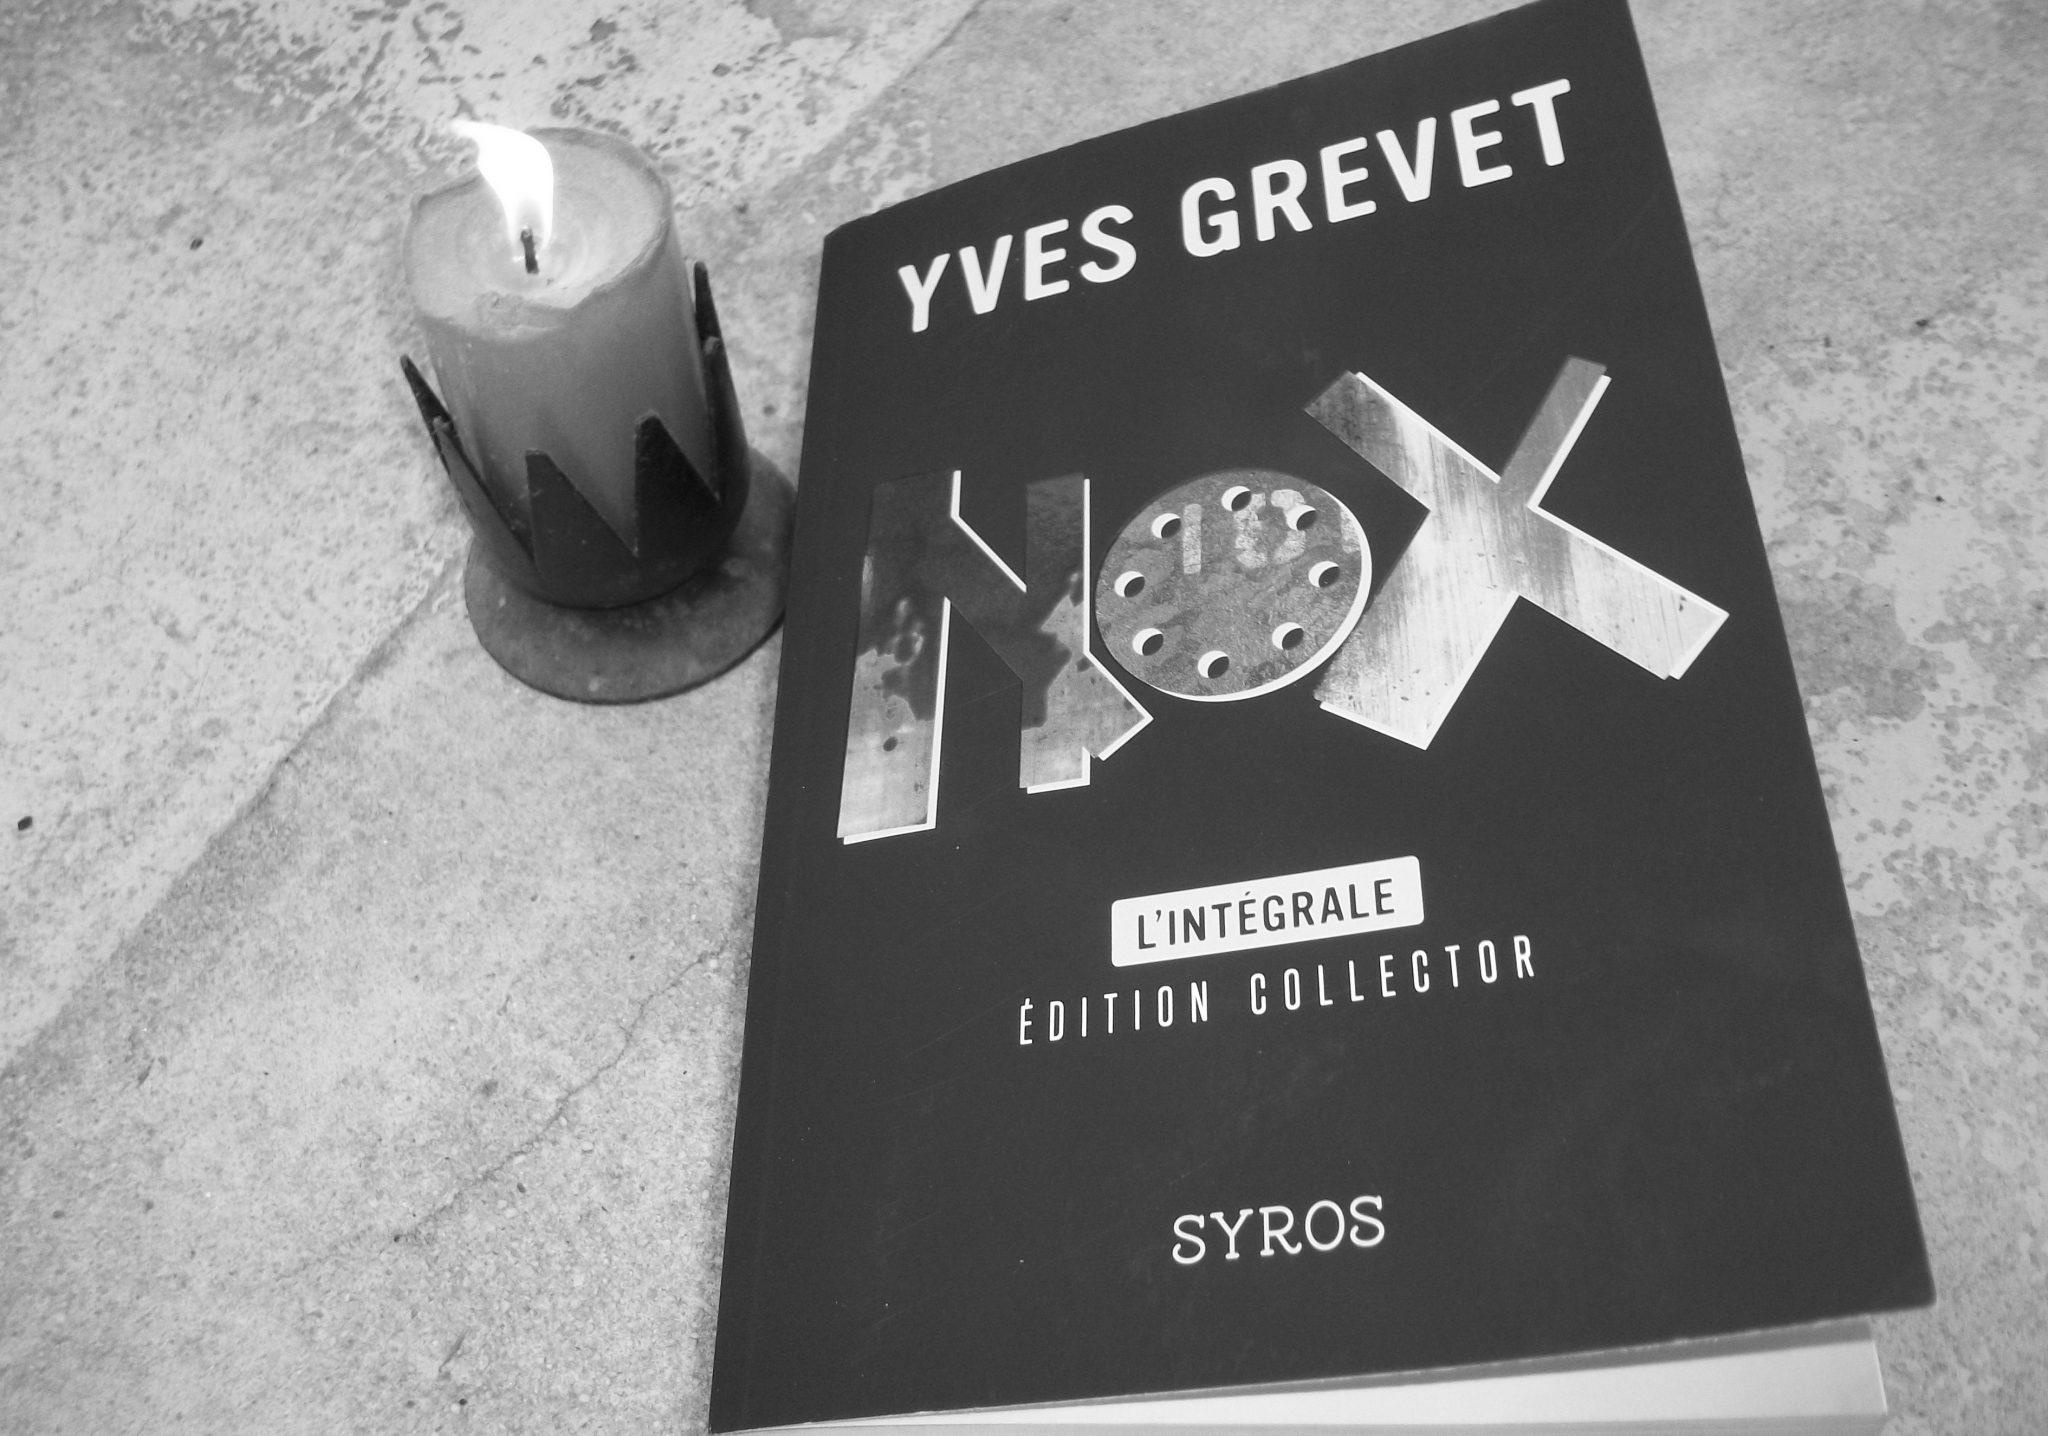 Nox, Yves Grevet, Syros